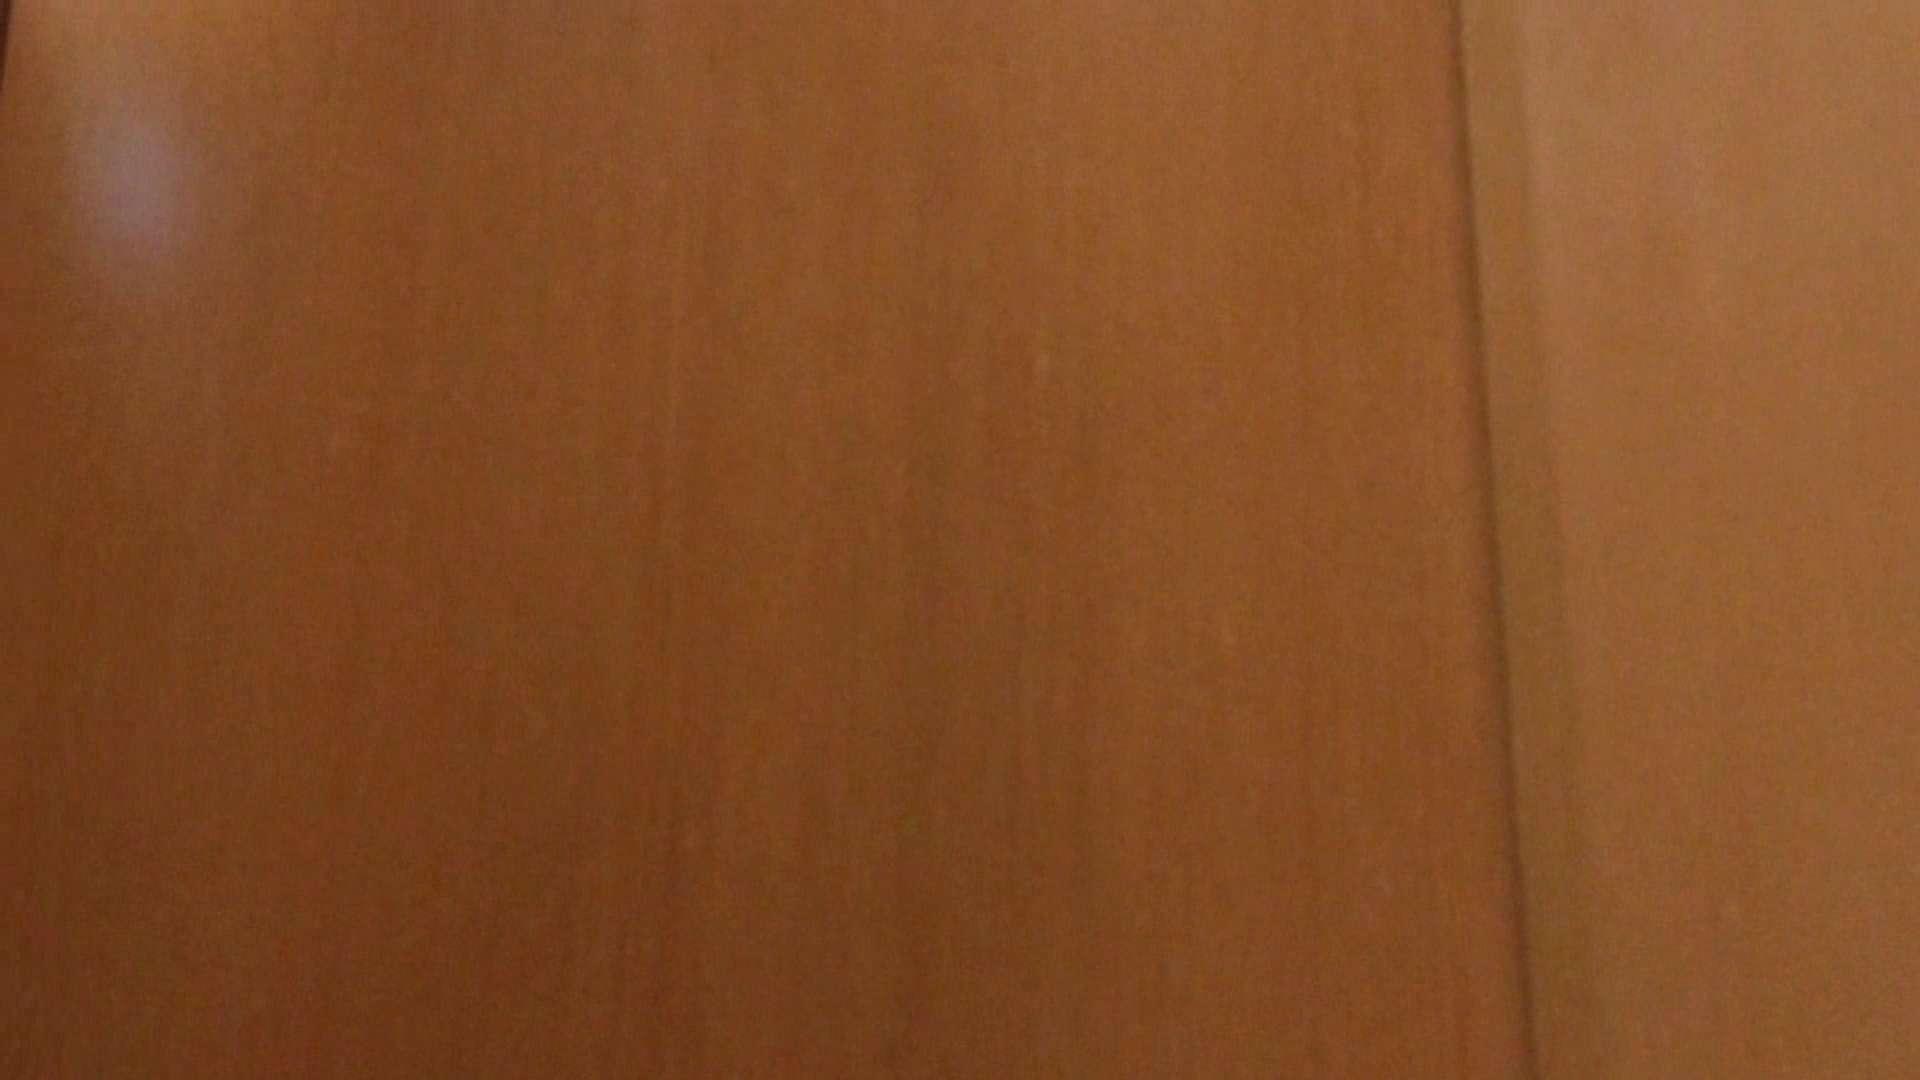 「噂」の国の厠観察日記2 Vol.02 人気シリーズ AV無料動画キャプチャ 96枚 71